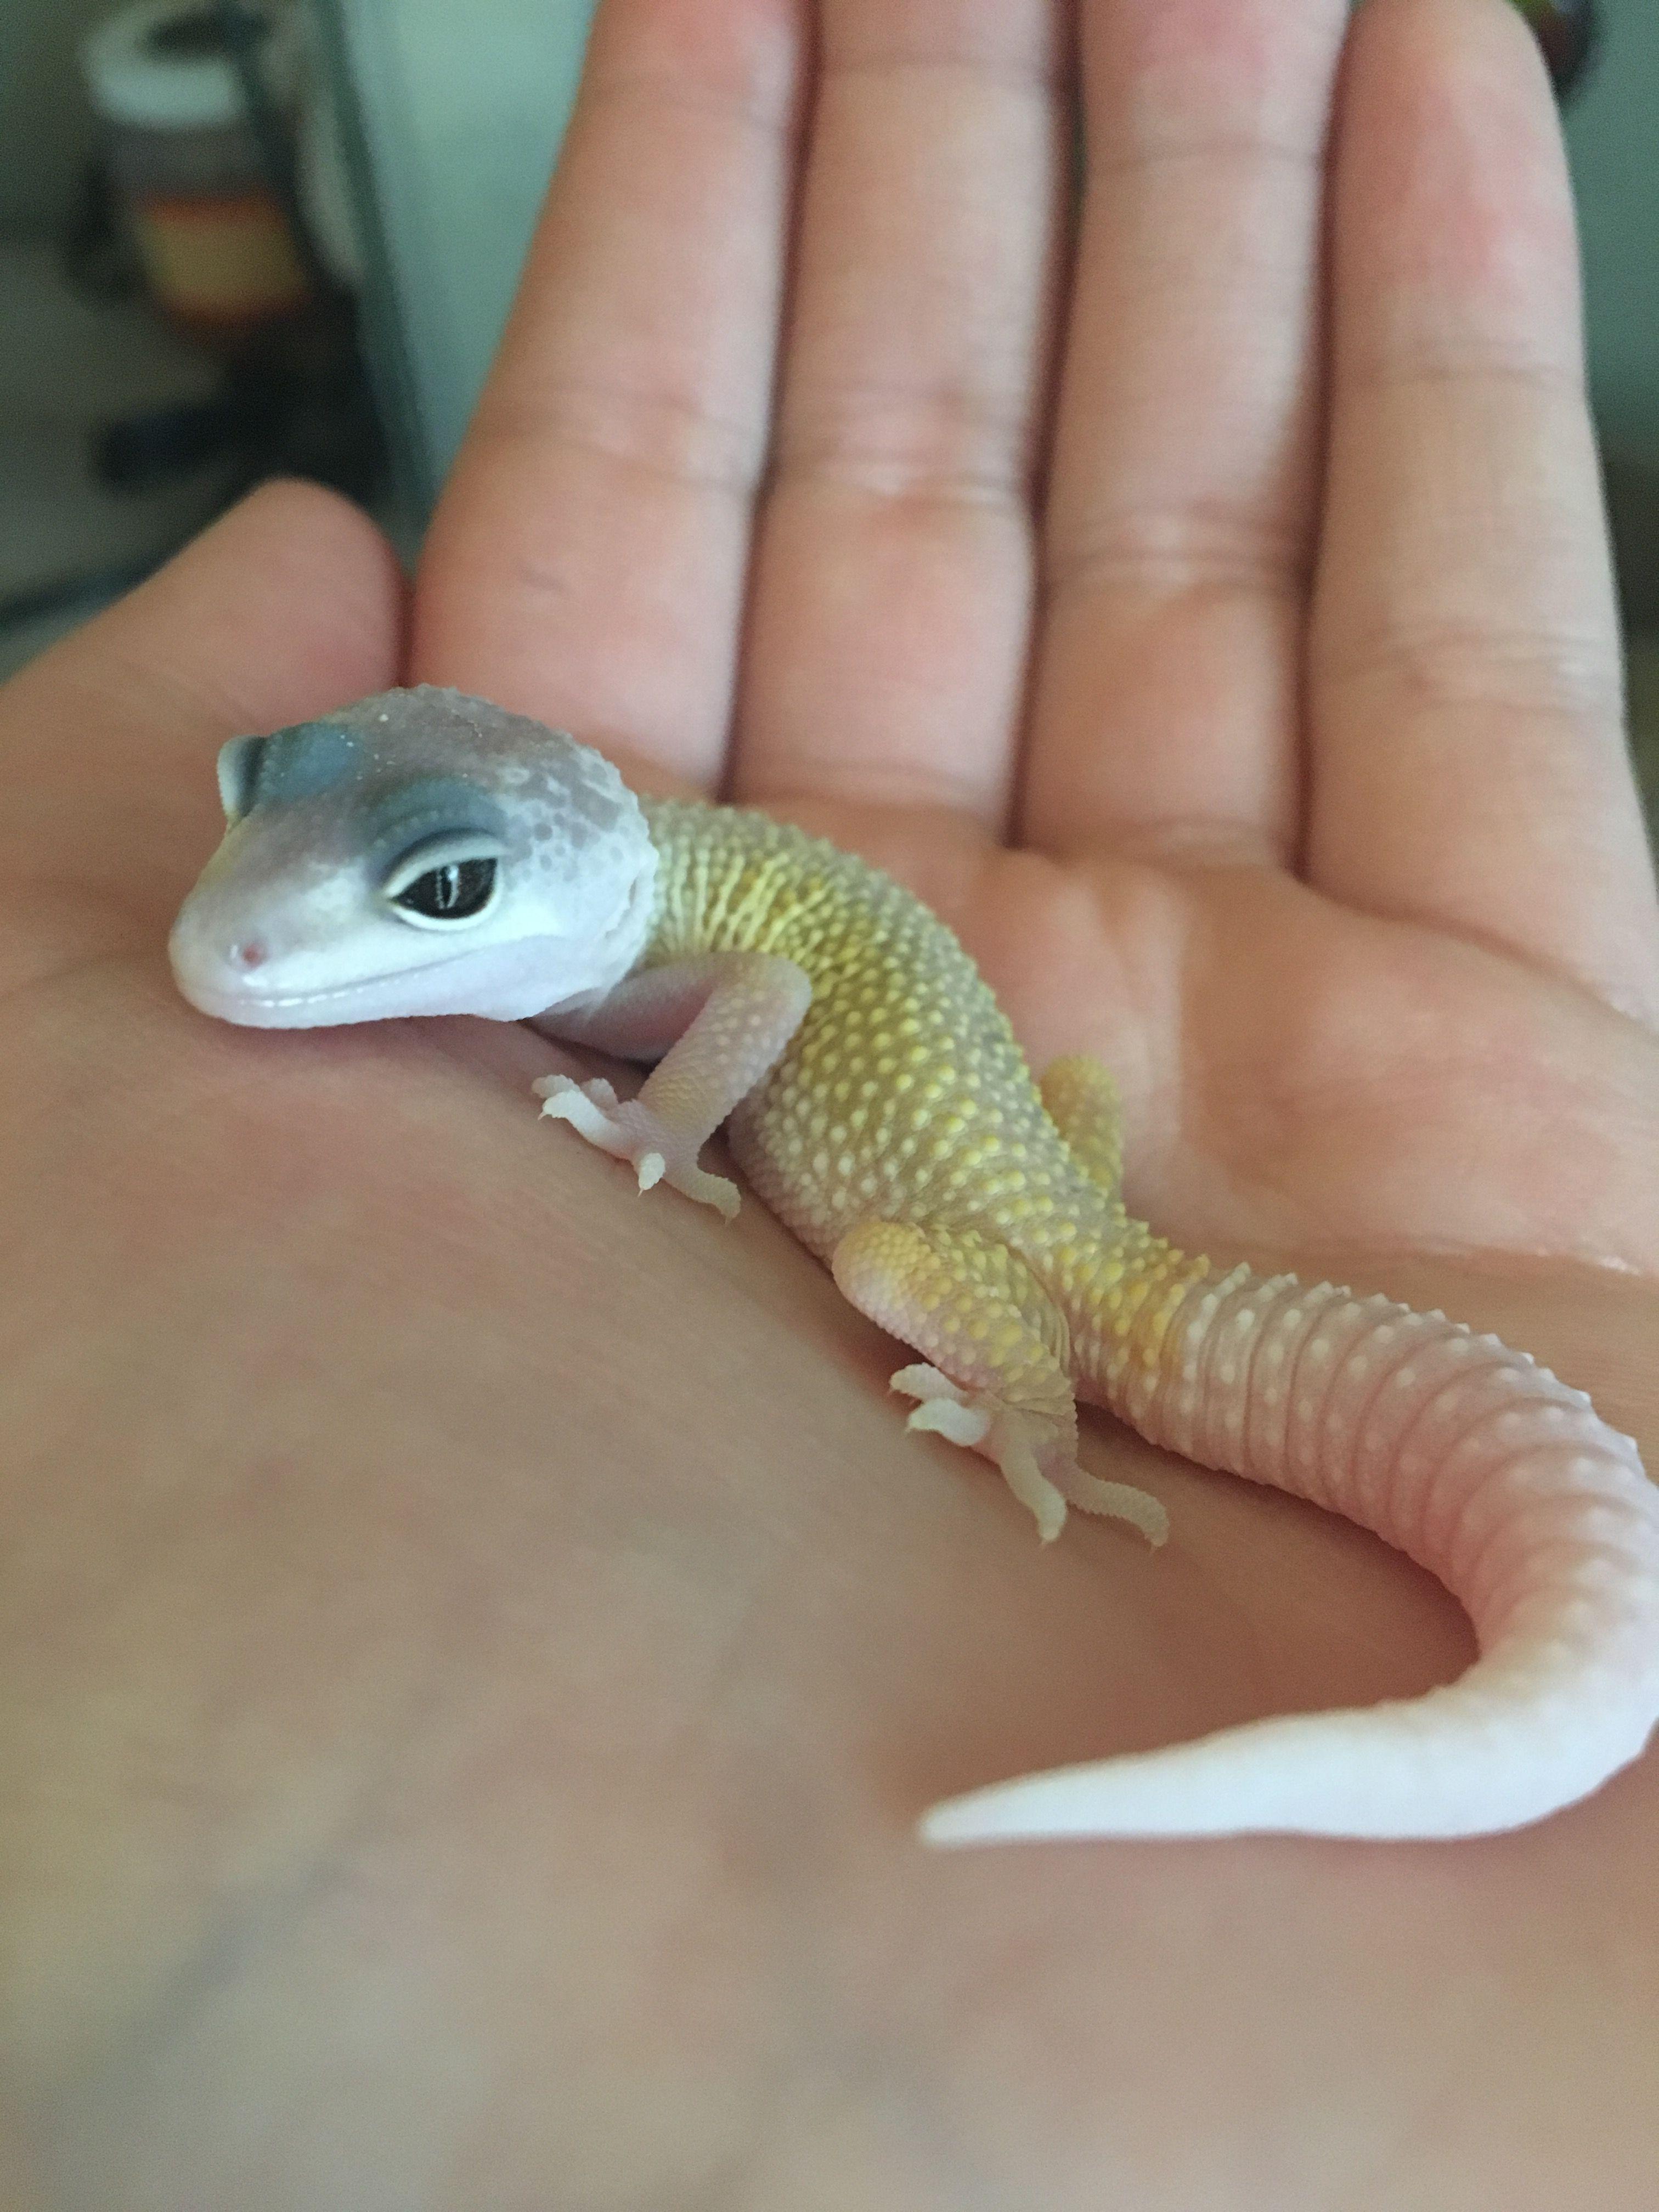 Pin By Manush Simonyan On Randall Cute Reptiles Pet Lizards Cute Lizard